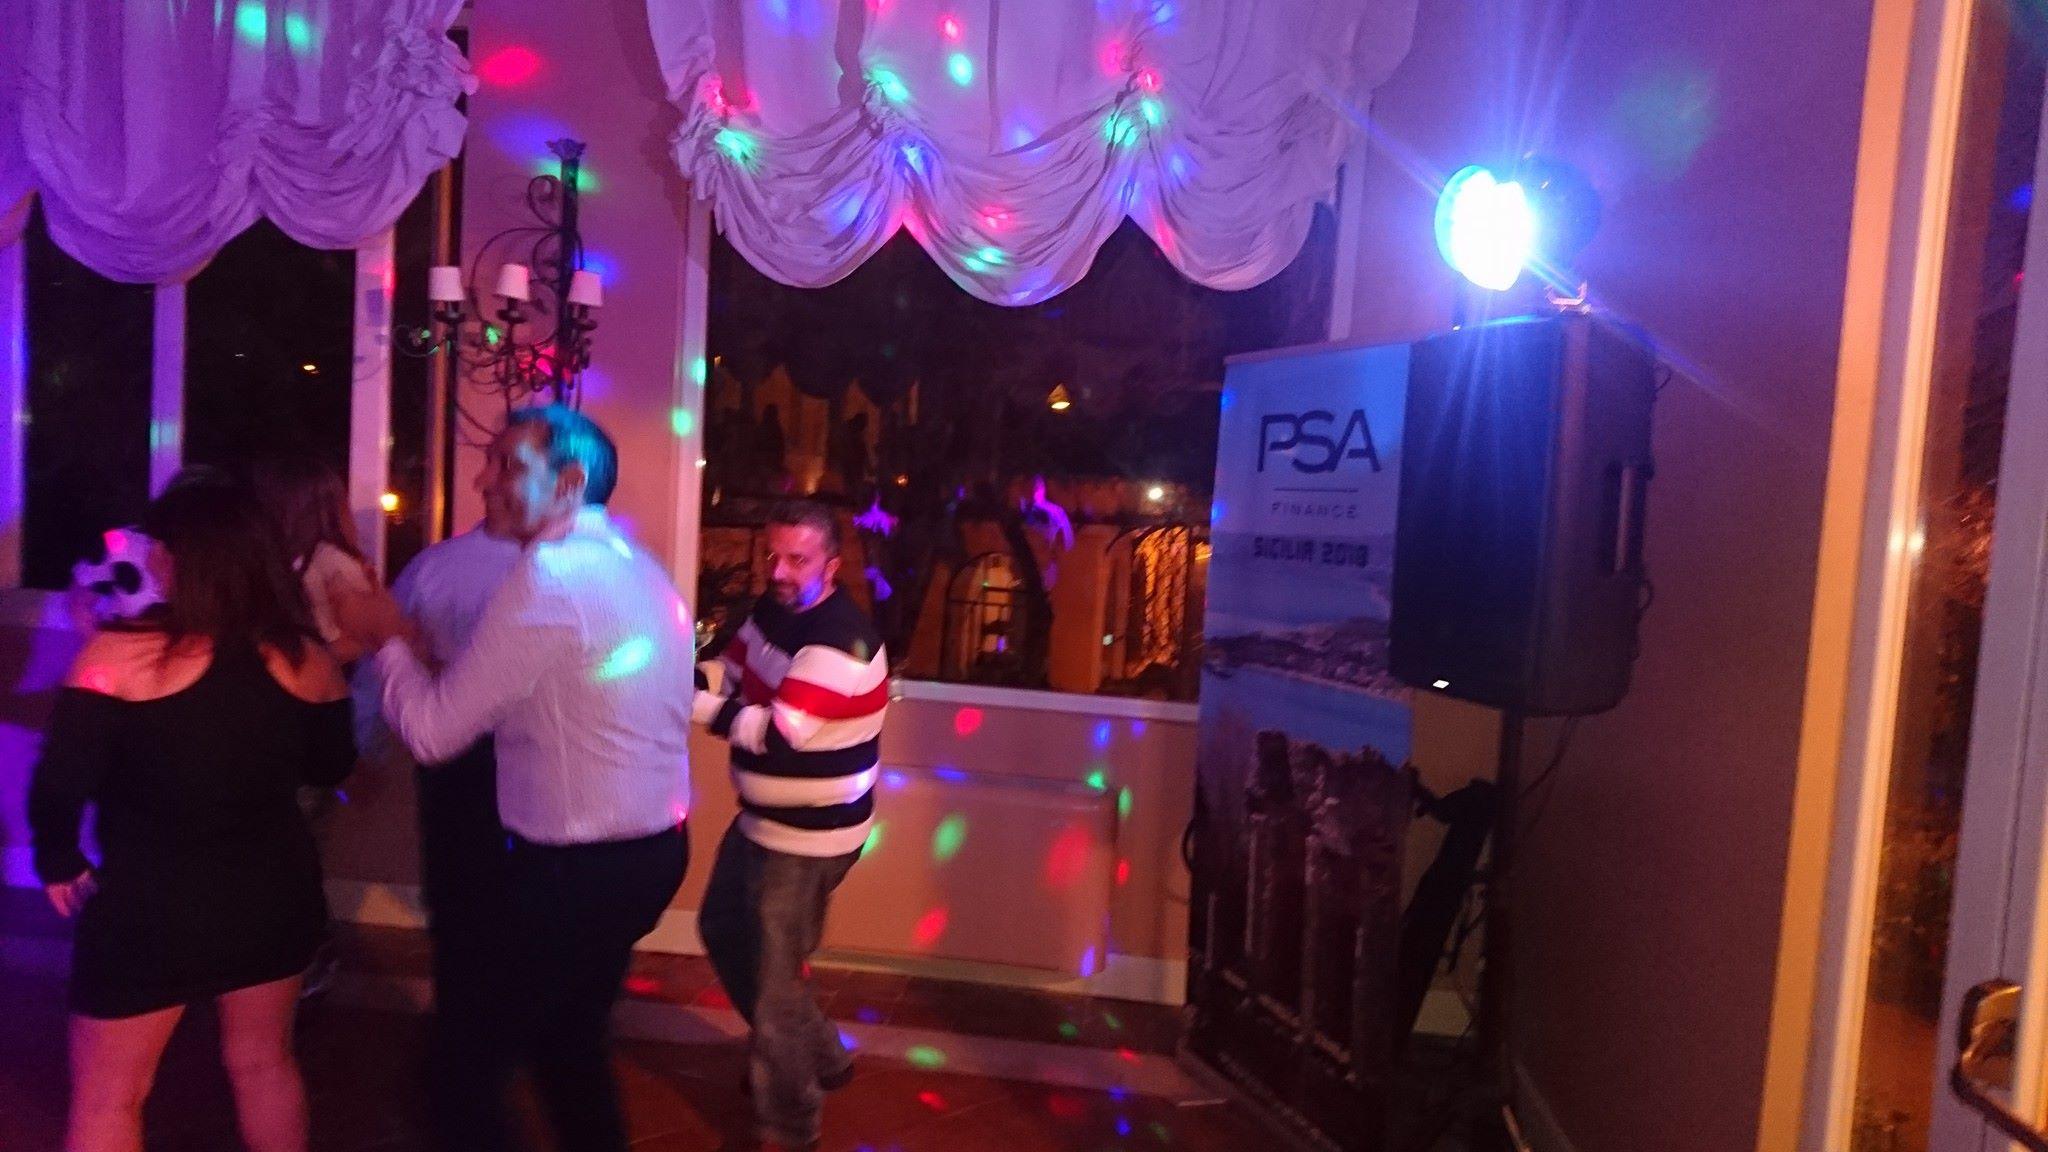 Evento aziendale-PSA 2018-031